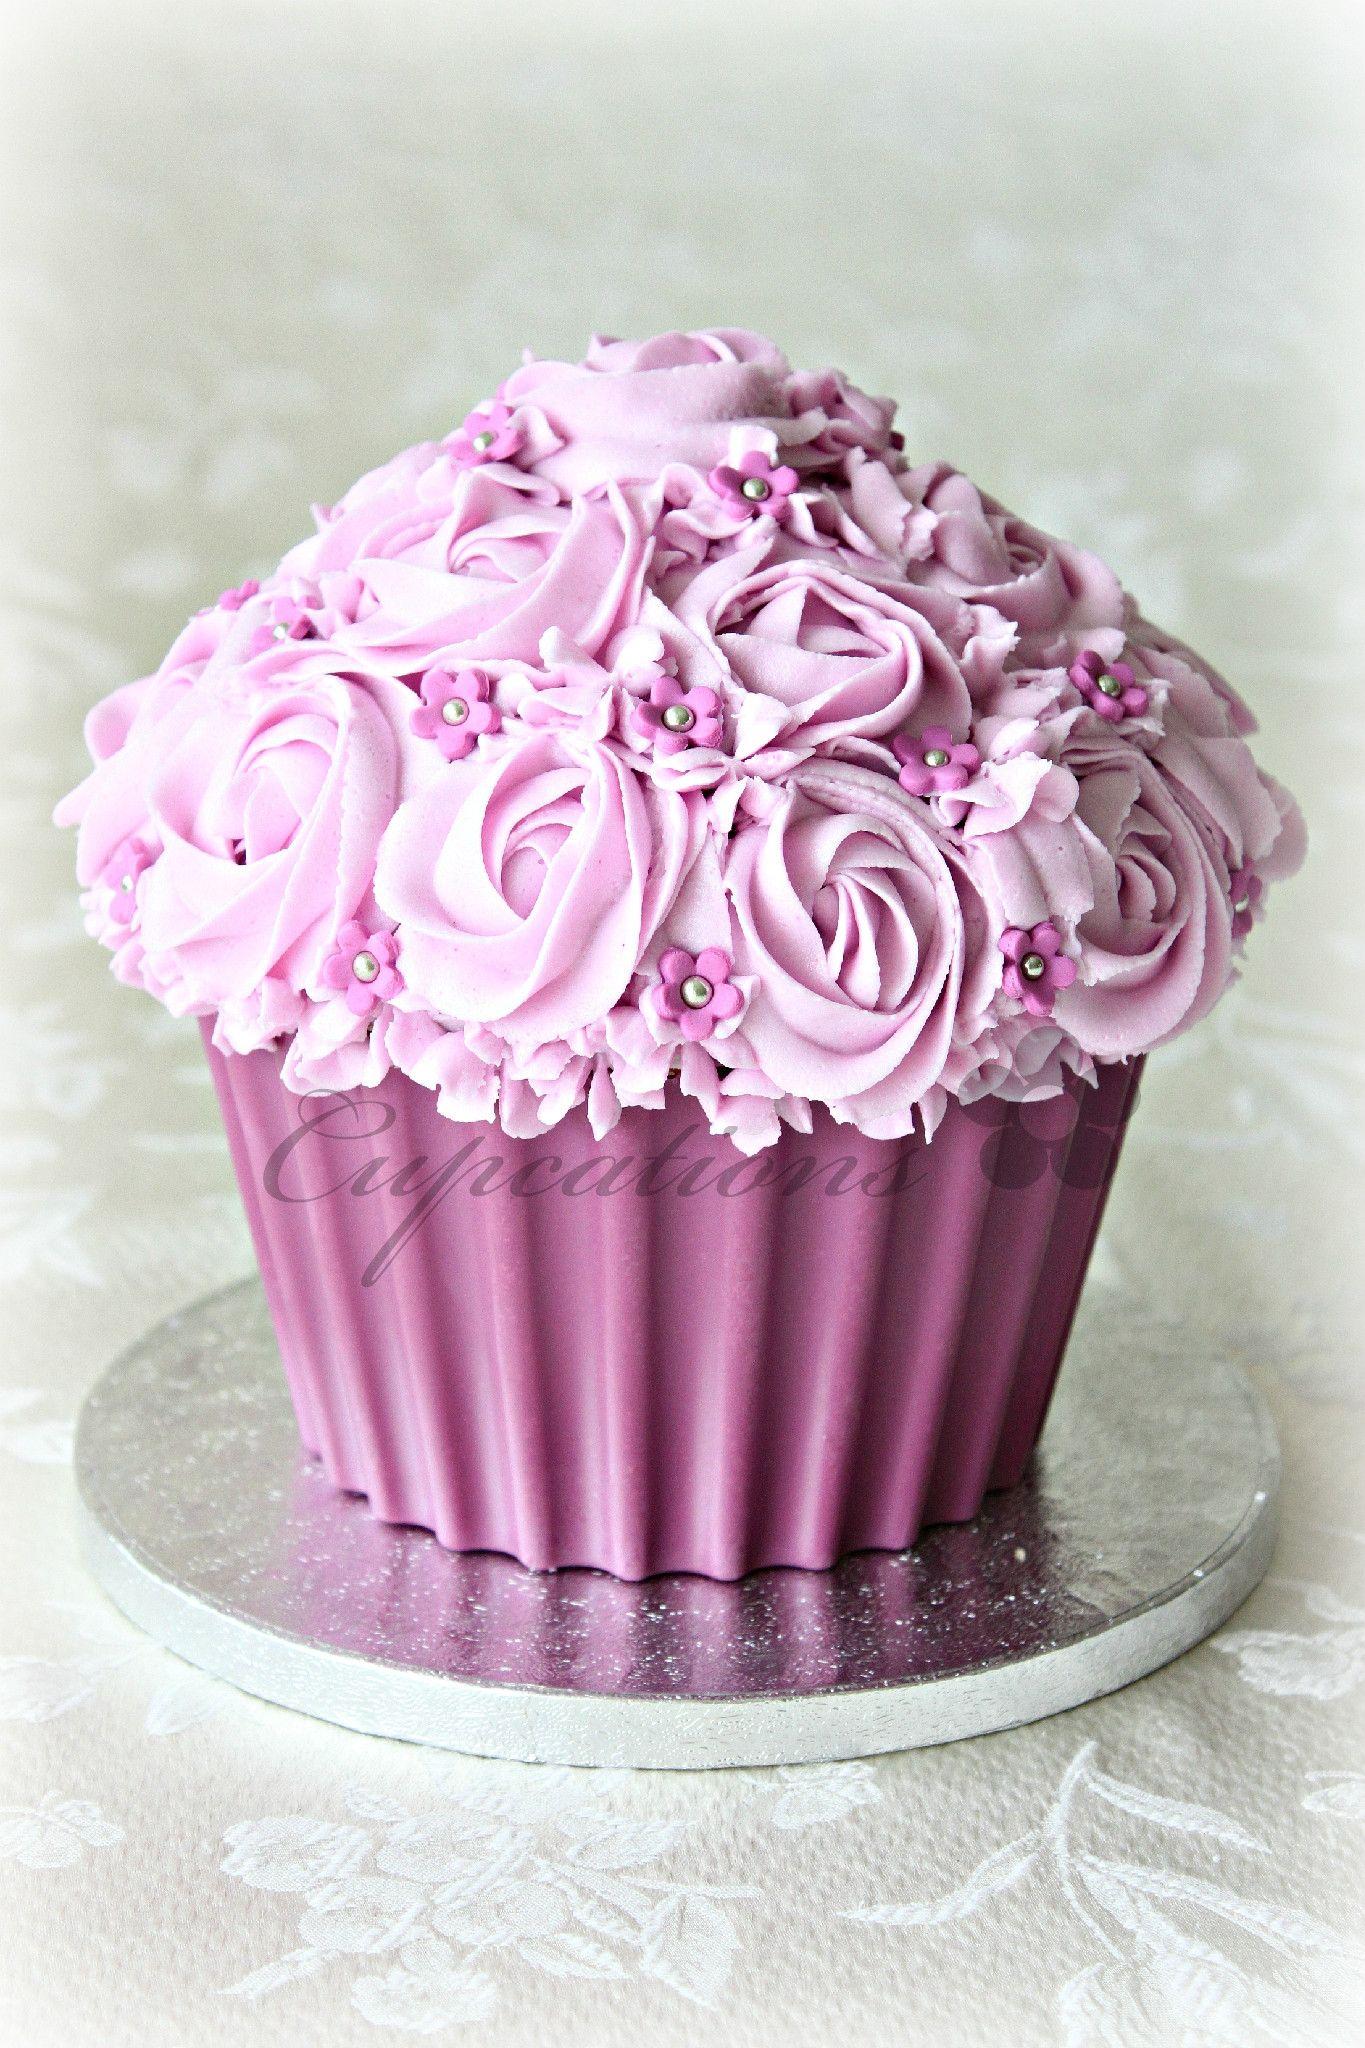 Decoratingspecial Com: How To Decorate A Cupcake Cake